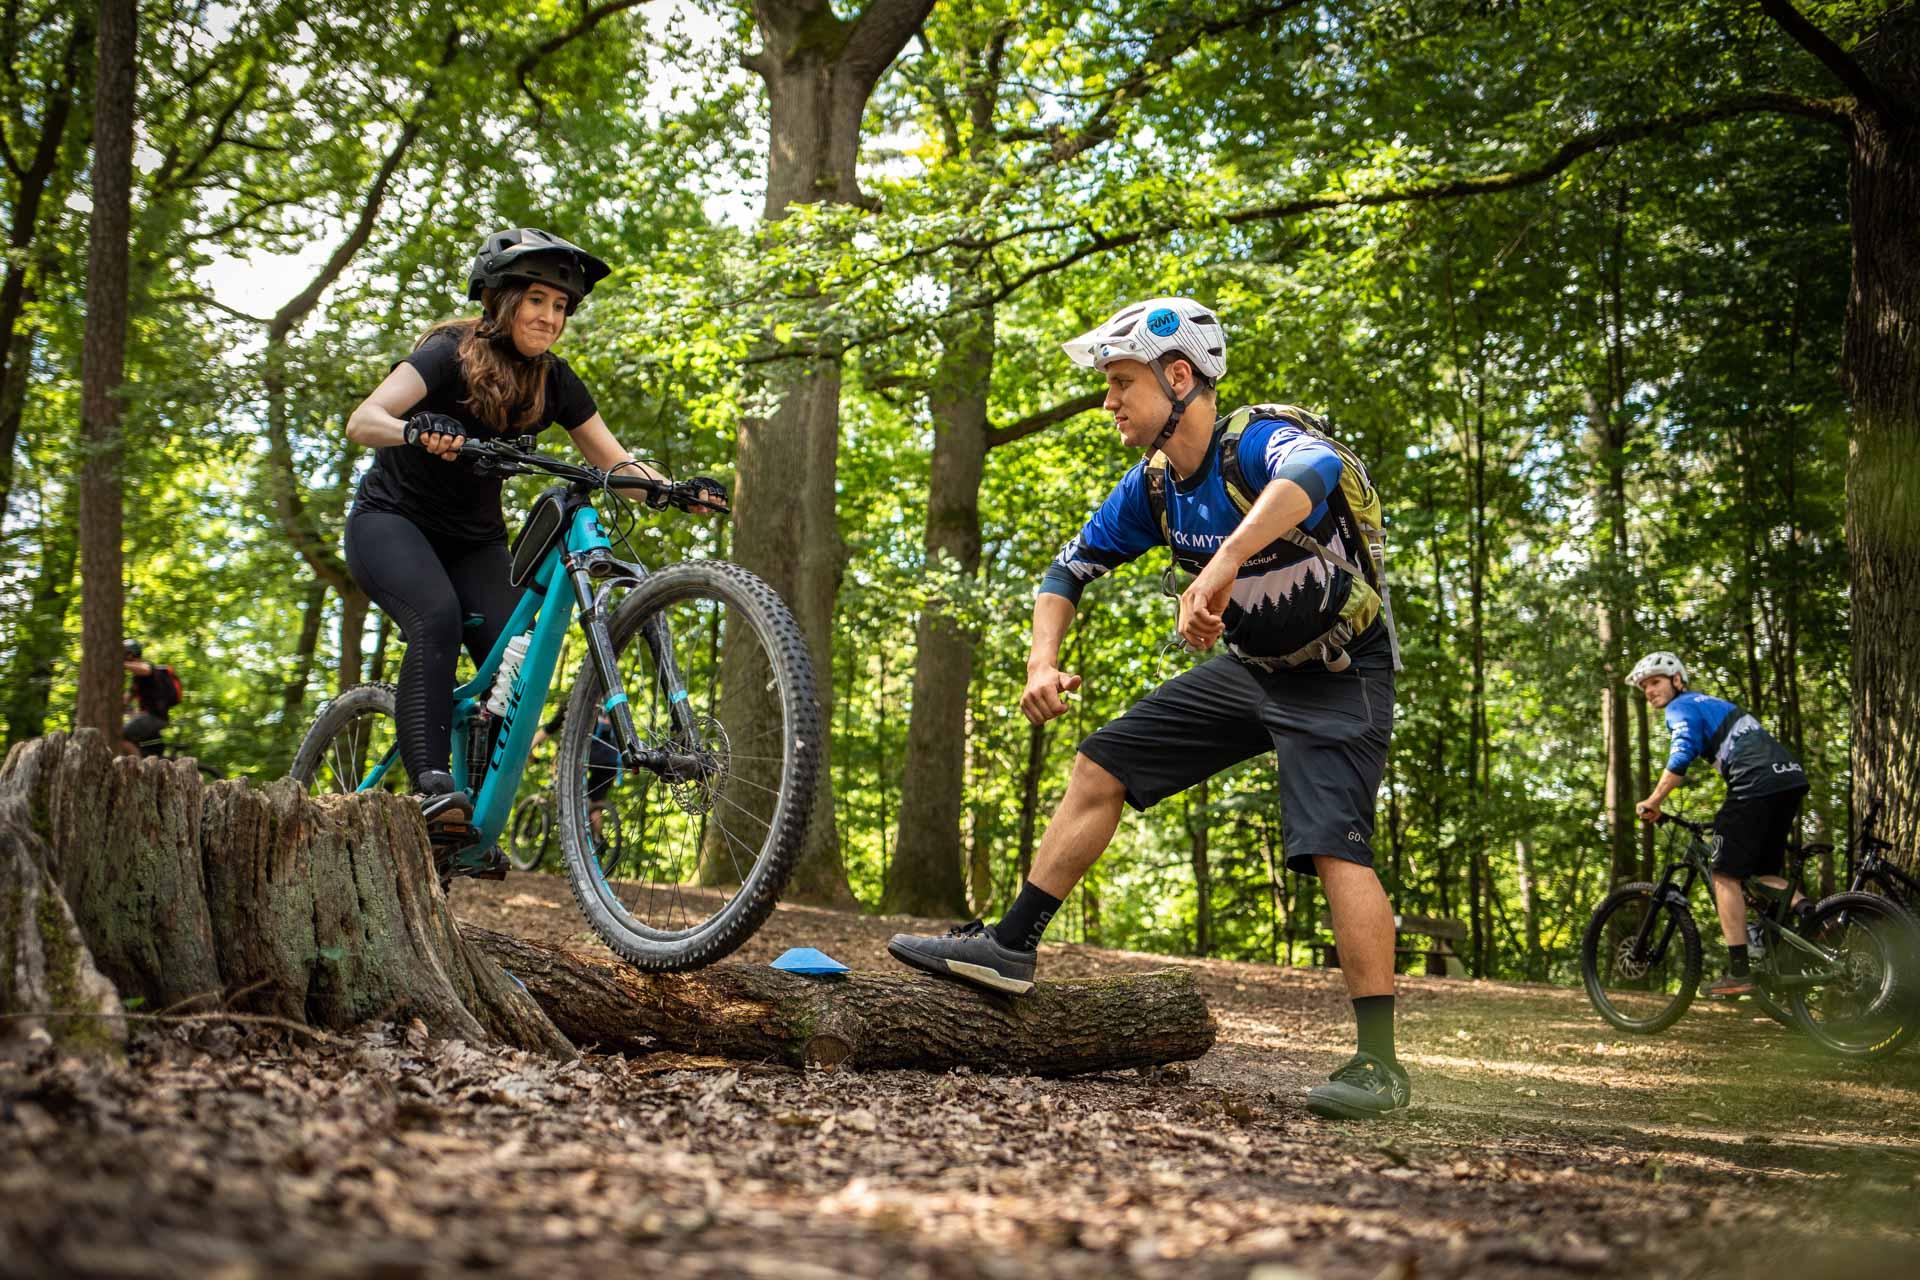 MTB Fahrtechnik Kurs für Einsteiger in München - Mountainbike Basic - Rock my Trail Bikeschule - 1